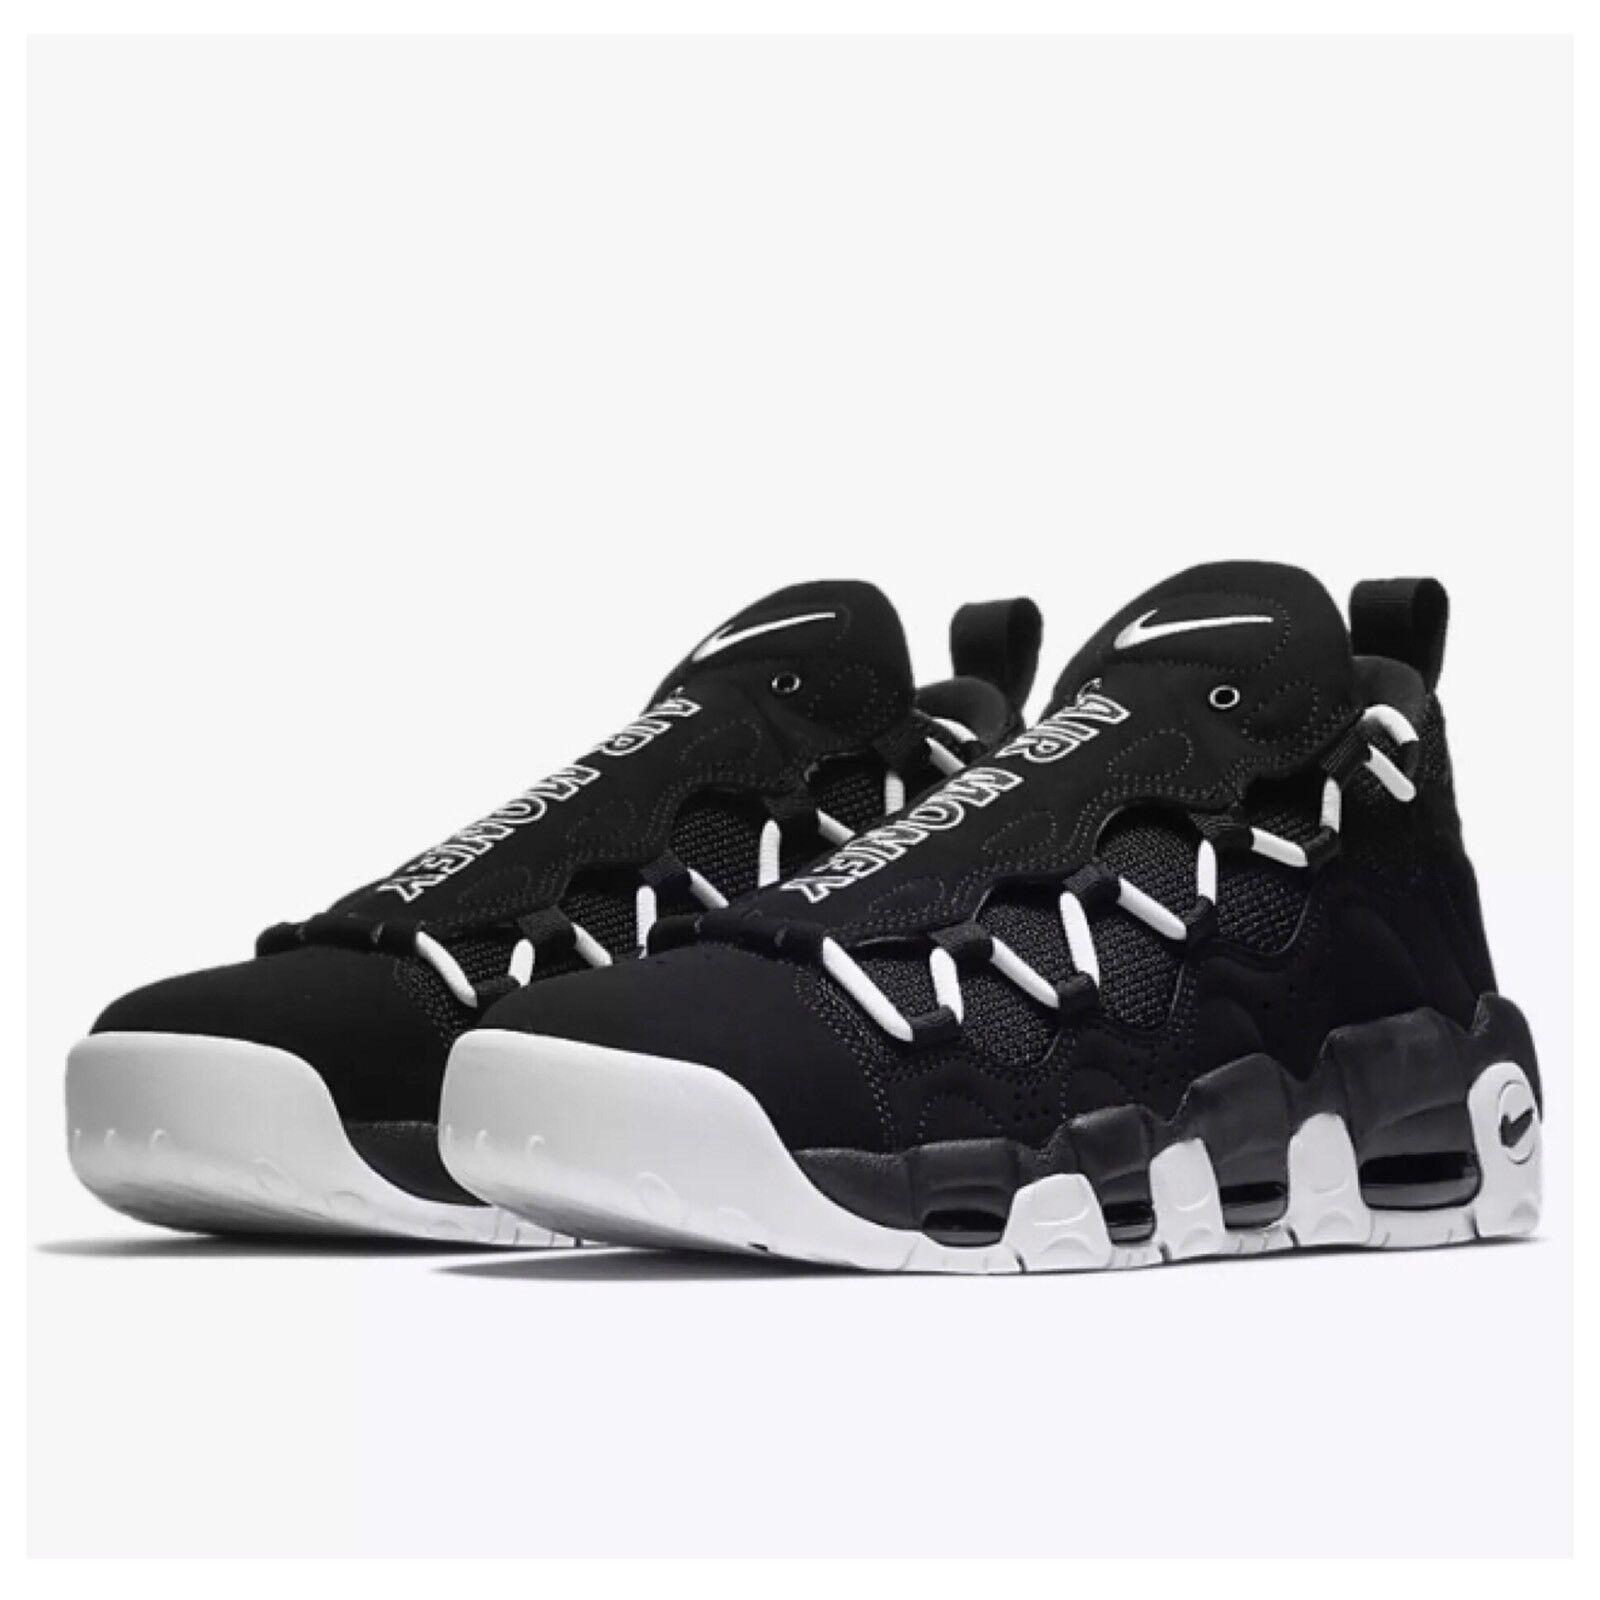 Nike SZ Air más dinero de nosotros los hombres SZ Nike [aj2998-001] Negro / Blanco-Negro 42043b